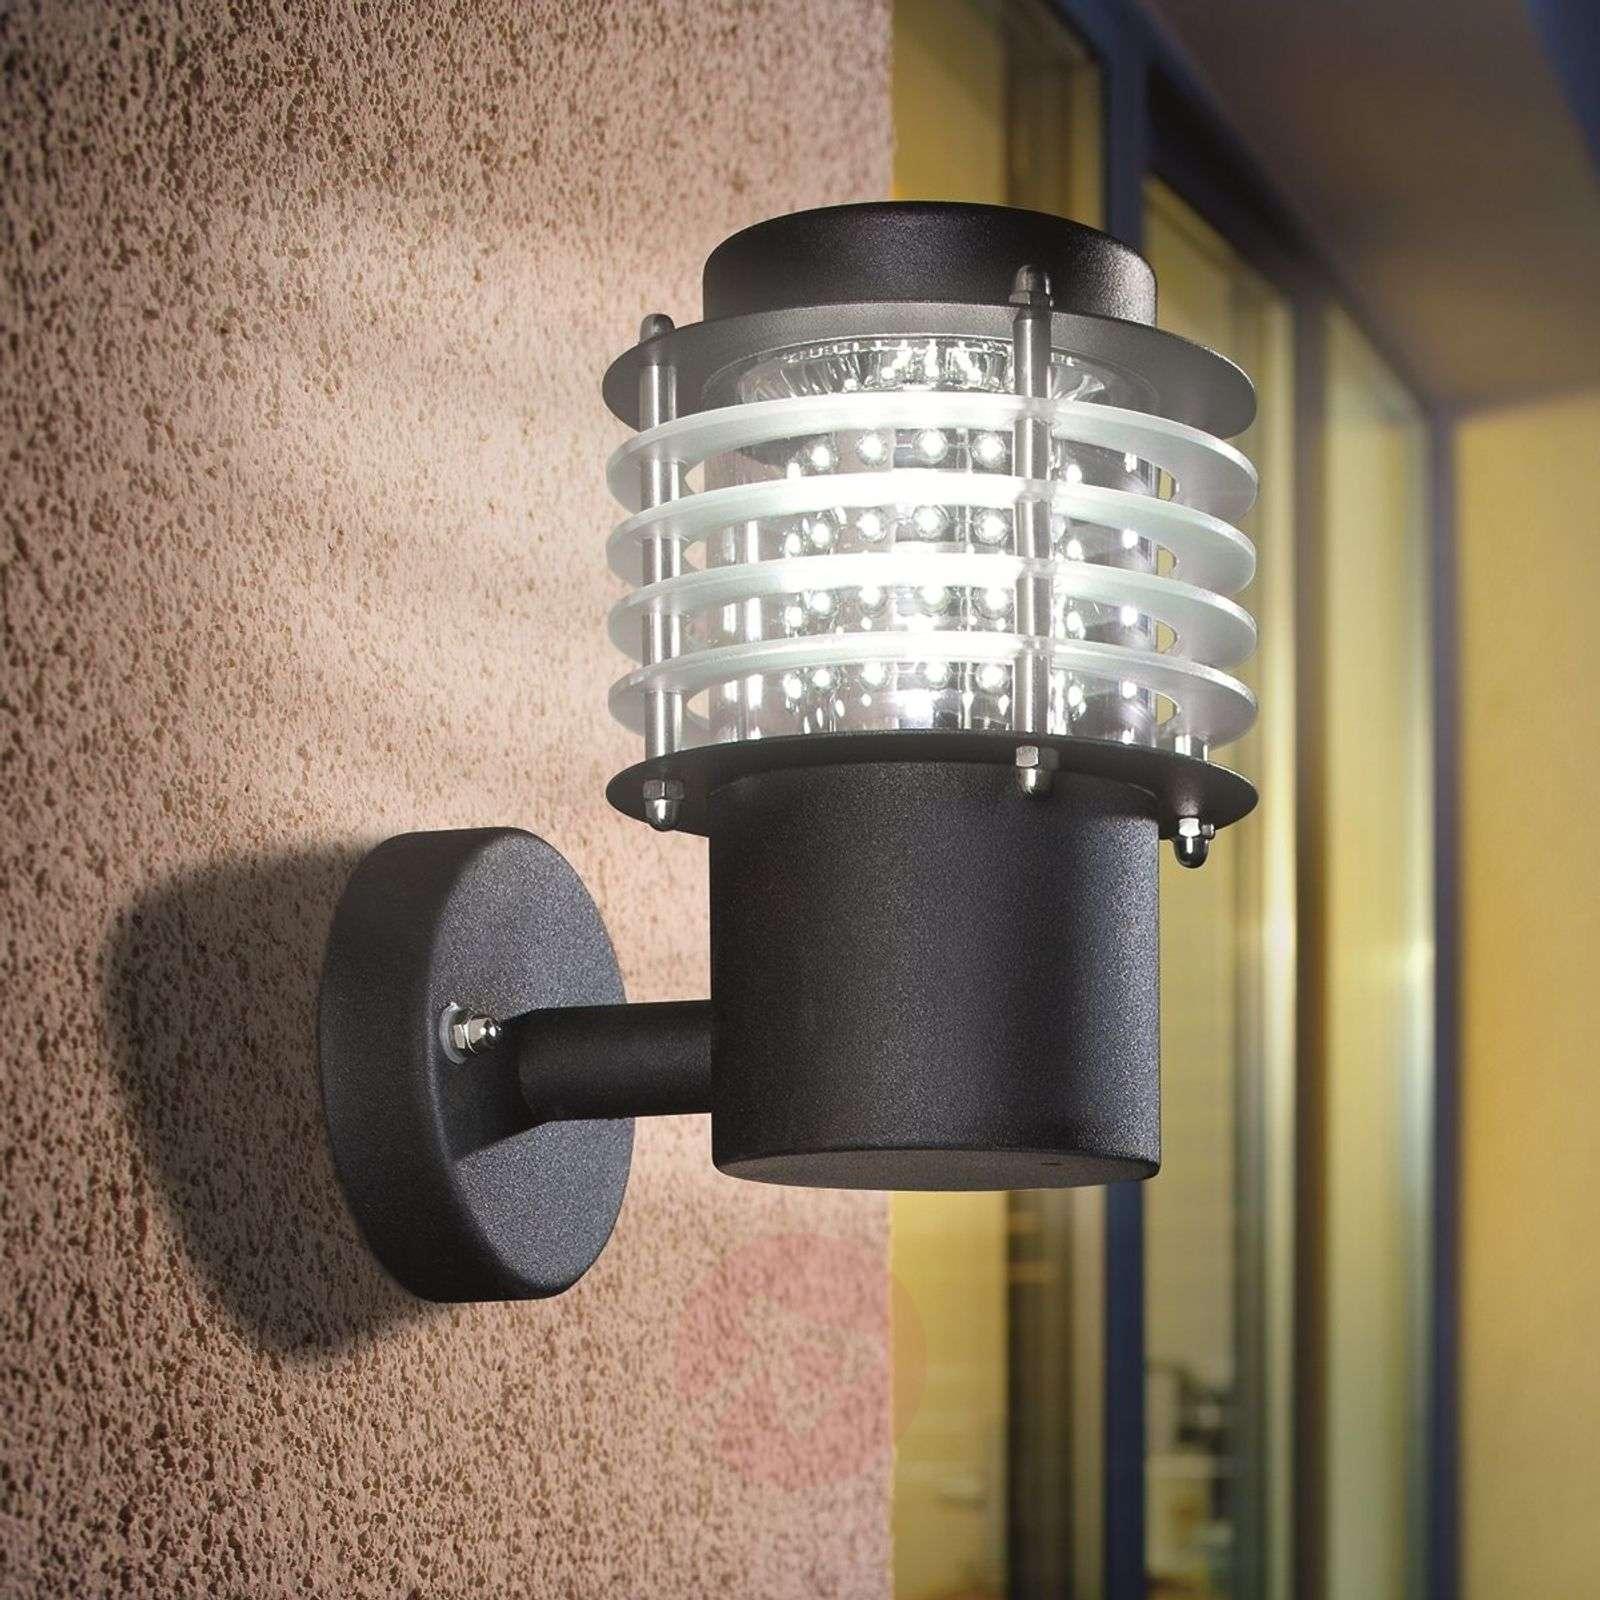 LED outdoor wall light Florenz-3012176-01